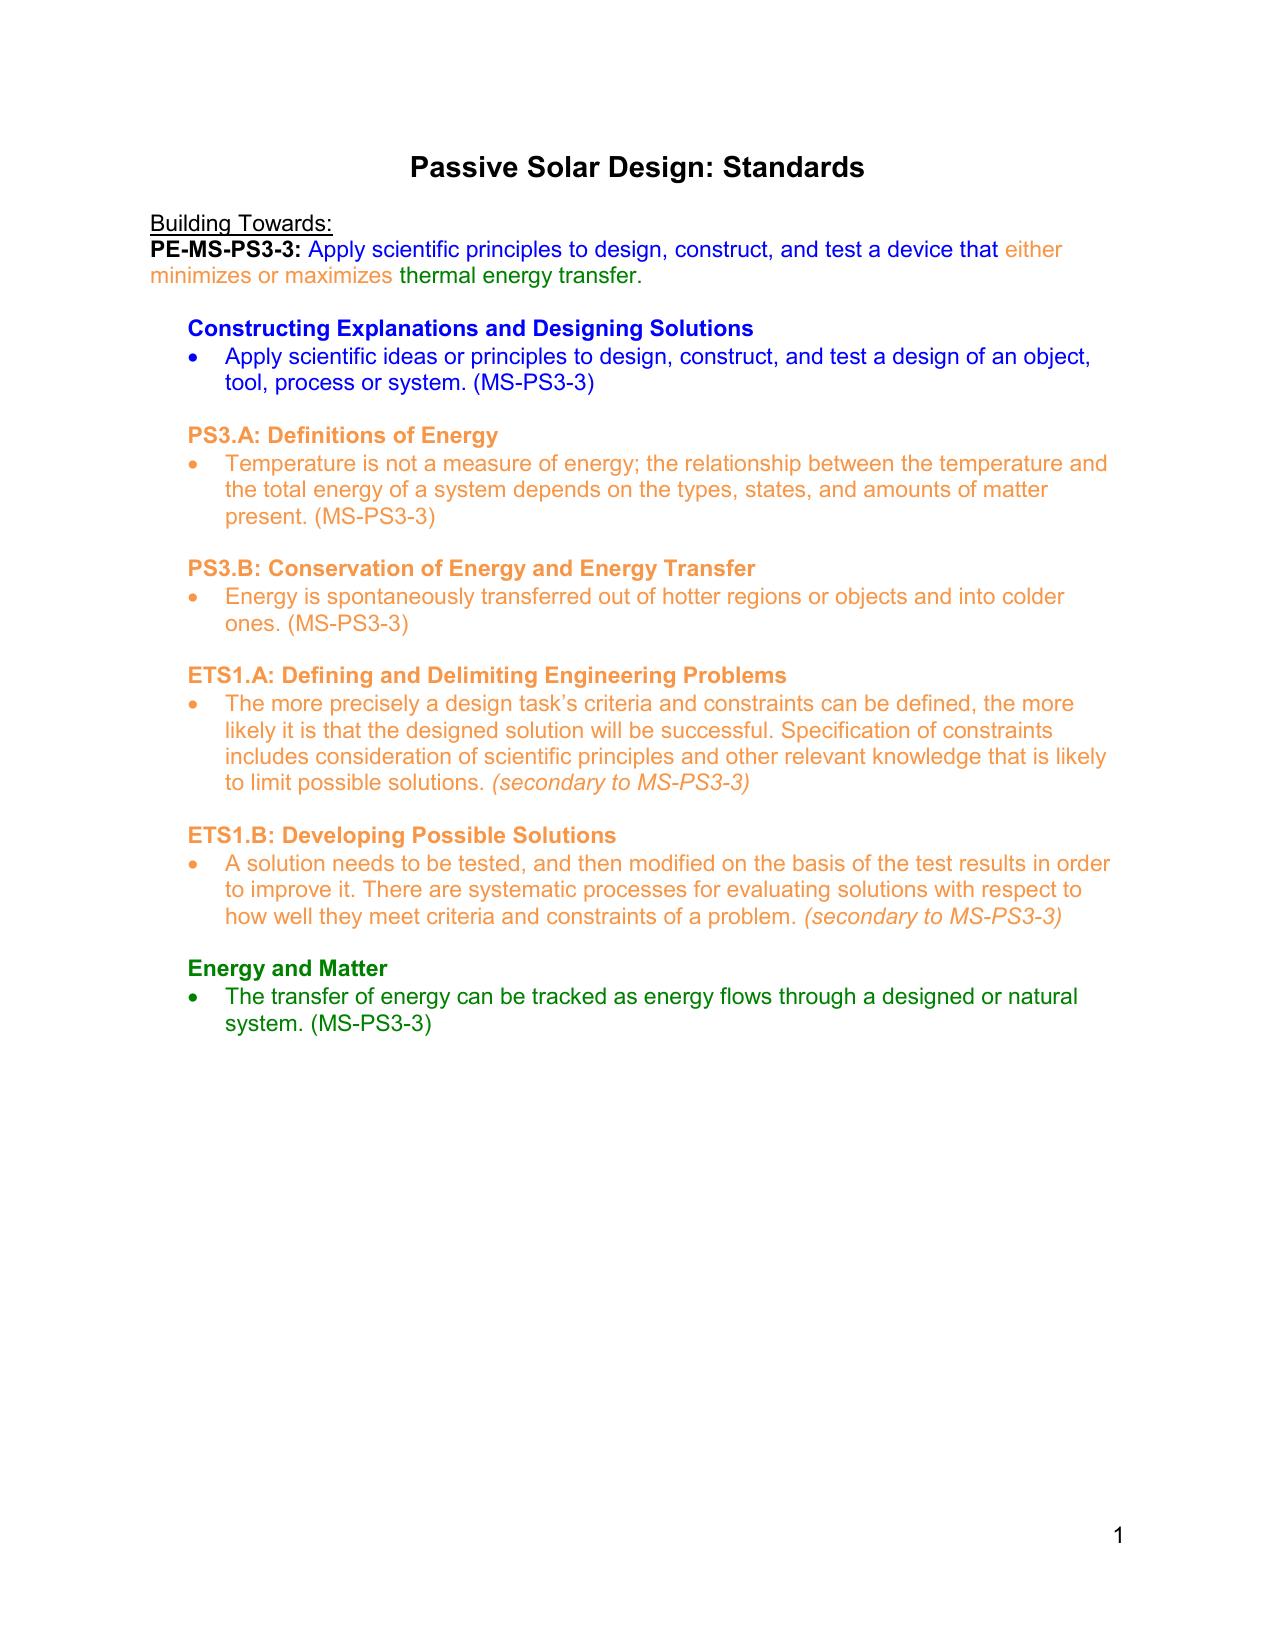 Passive Solar Design Intermediate Lesson Plan